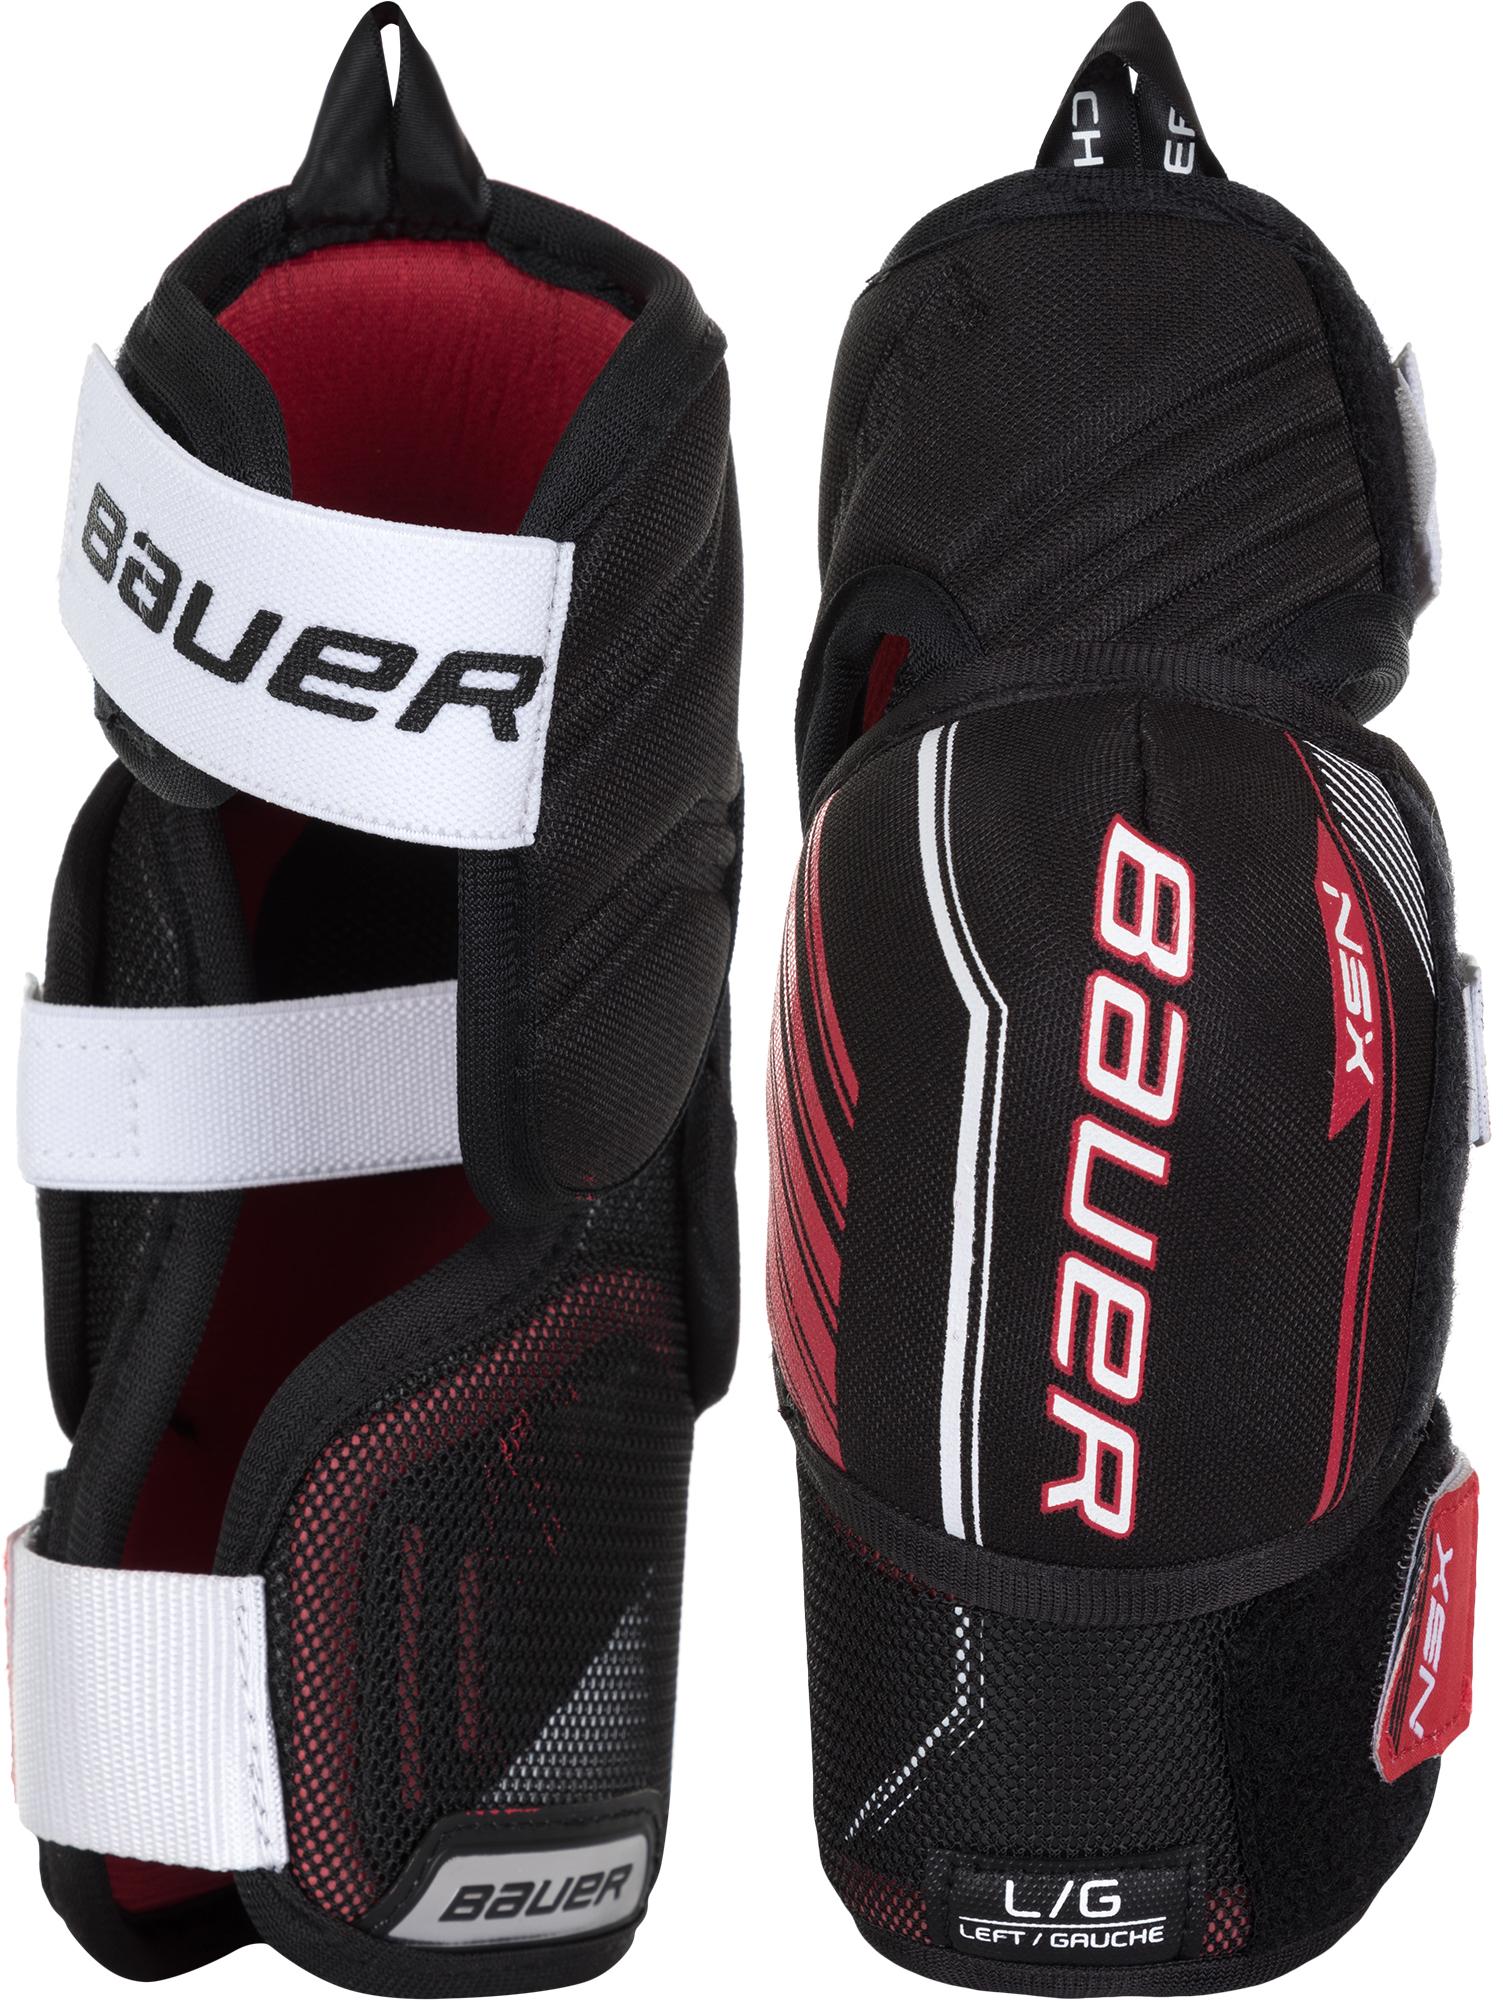 Bauer Налокотник защитный хоккейный детский Bauer NSX